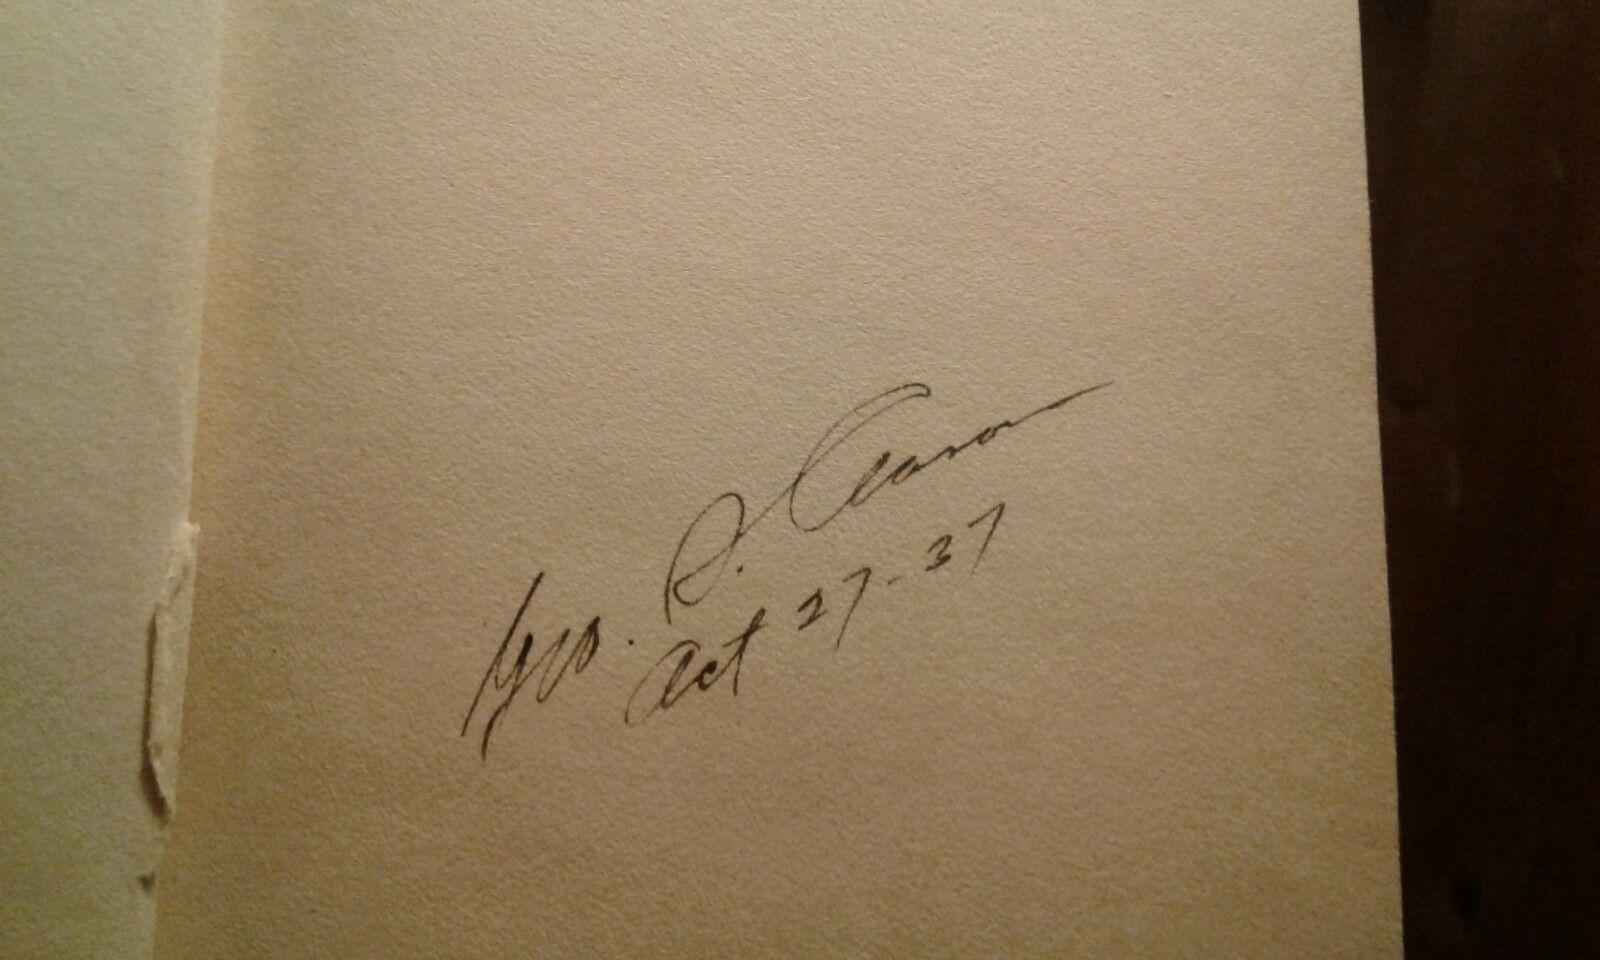 Автограф Джорджа Самюэля Клейсона, 1937 год